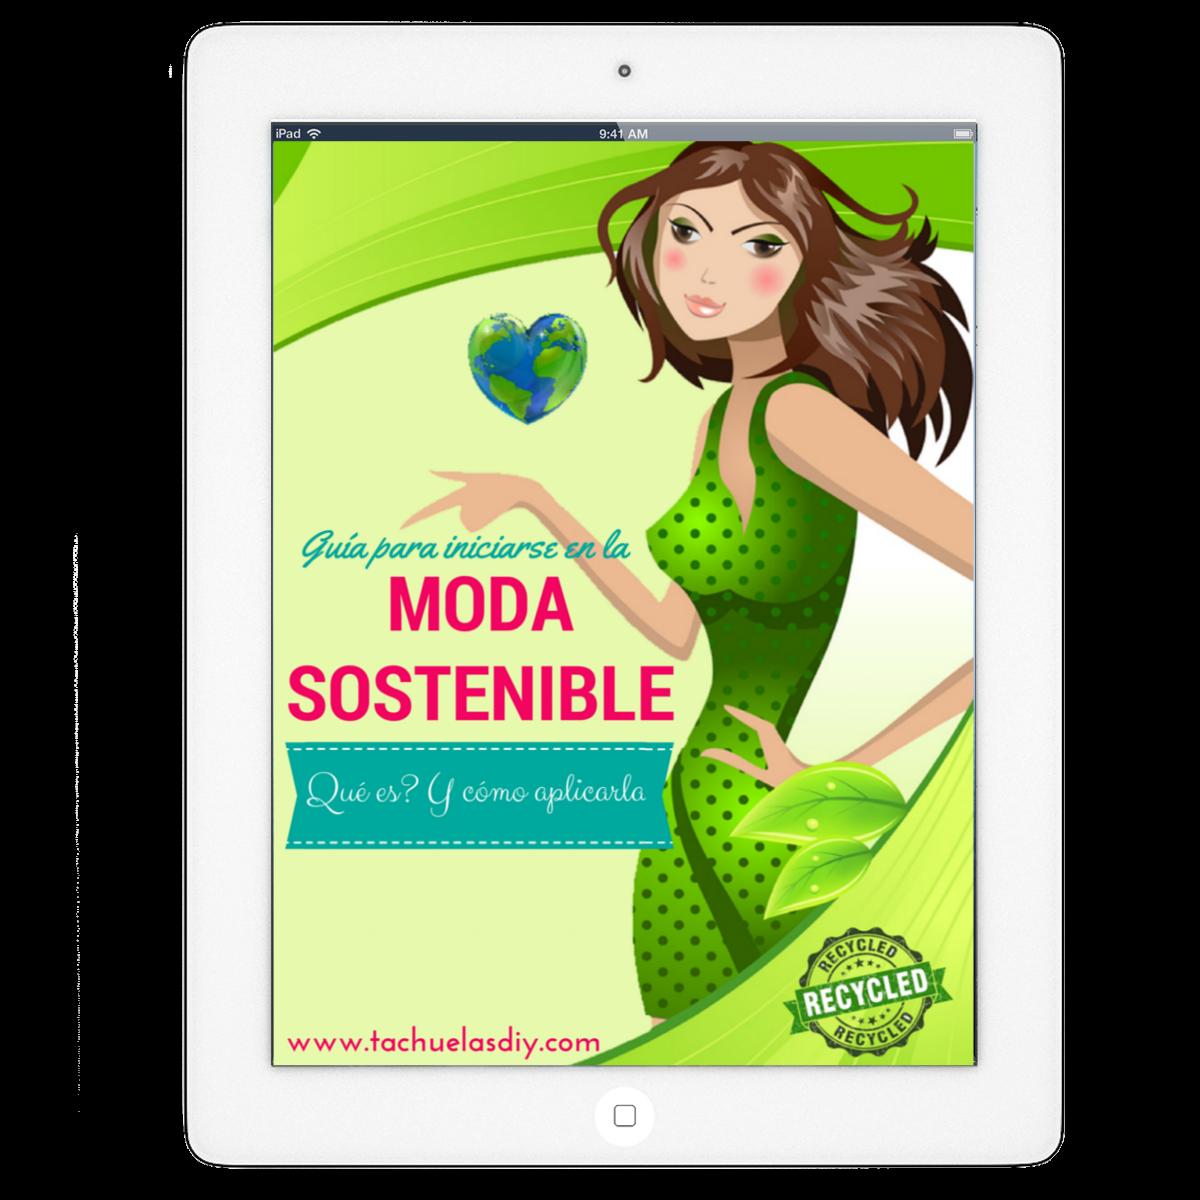 Regalo por el aniversario de www.tachuelasdiy.com con este ebook gratuito una guía para iniciarse en la moda sostenible .Donde explico que es? Y cómo aplicarla.Una información muy importante y poco conocida.